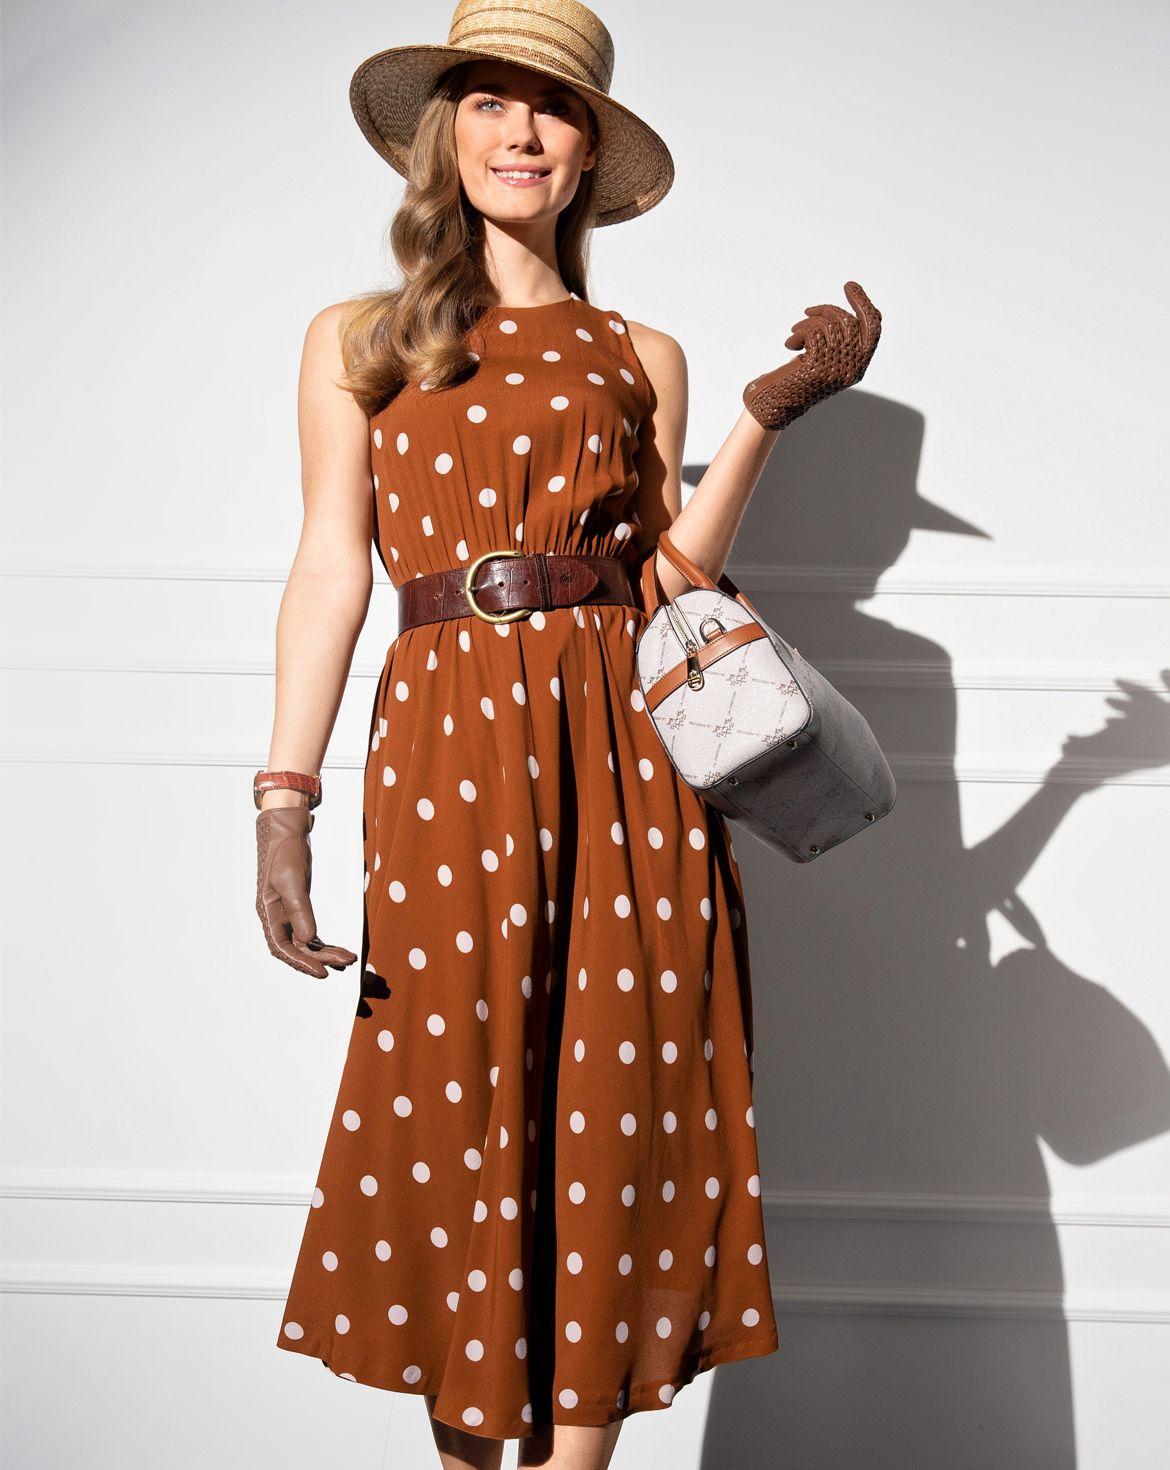 Kleid Mode Zum Selbernahen Im Burda Style Onlineshop In 2020 Pretty Woman Kleider Outfit